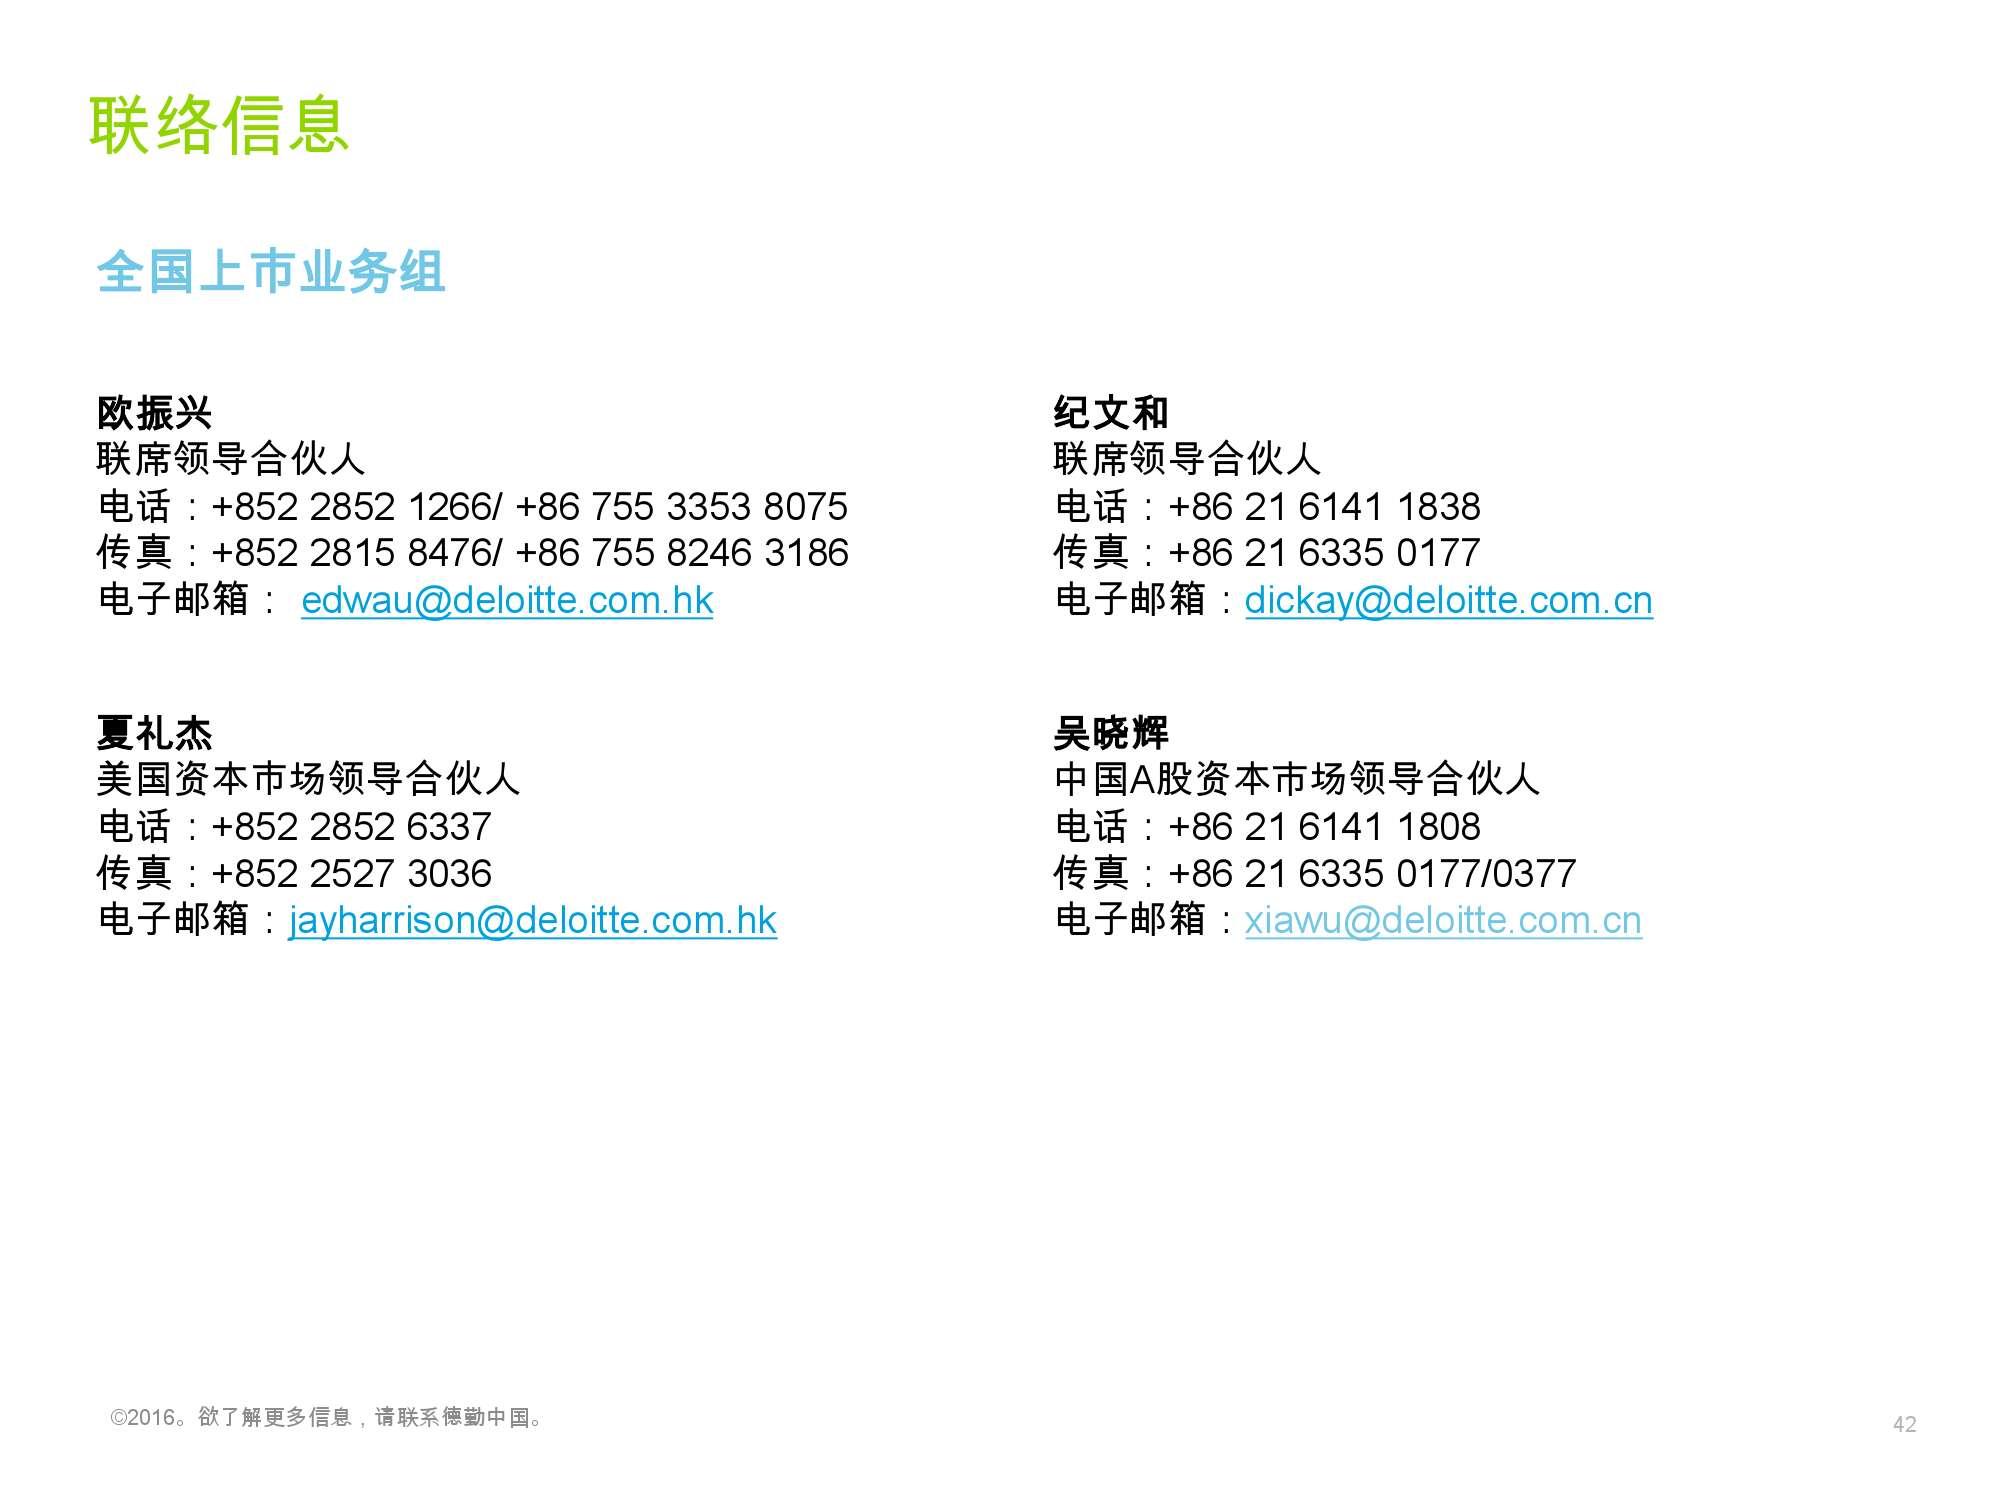 香港及中国大陆IPO市场2016年1季度_000042